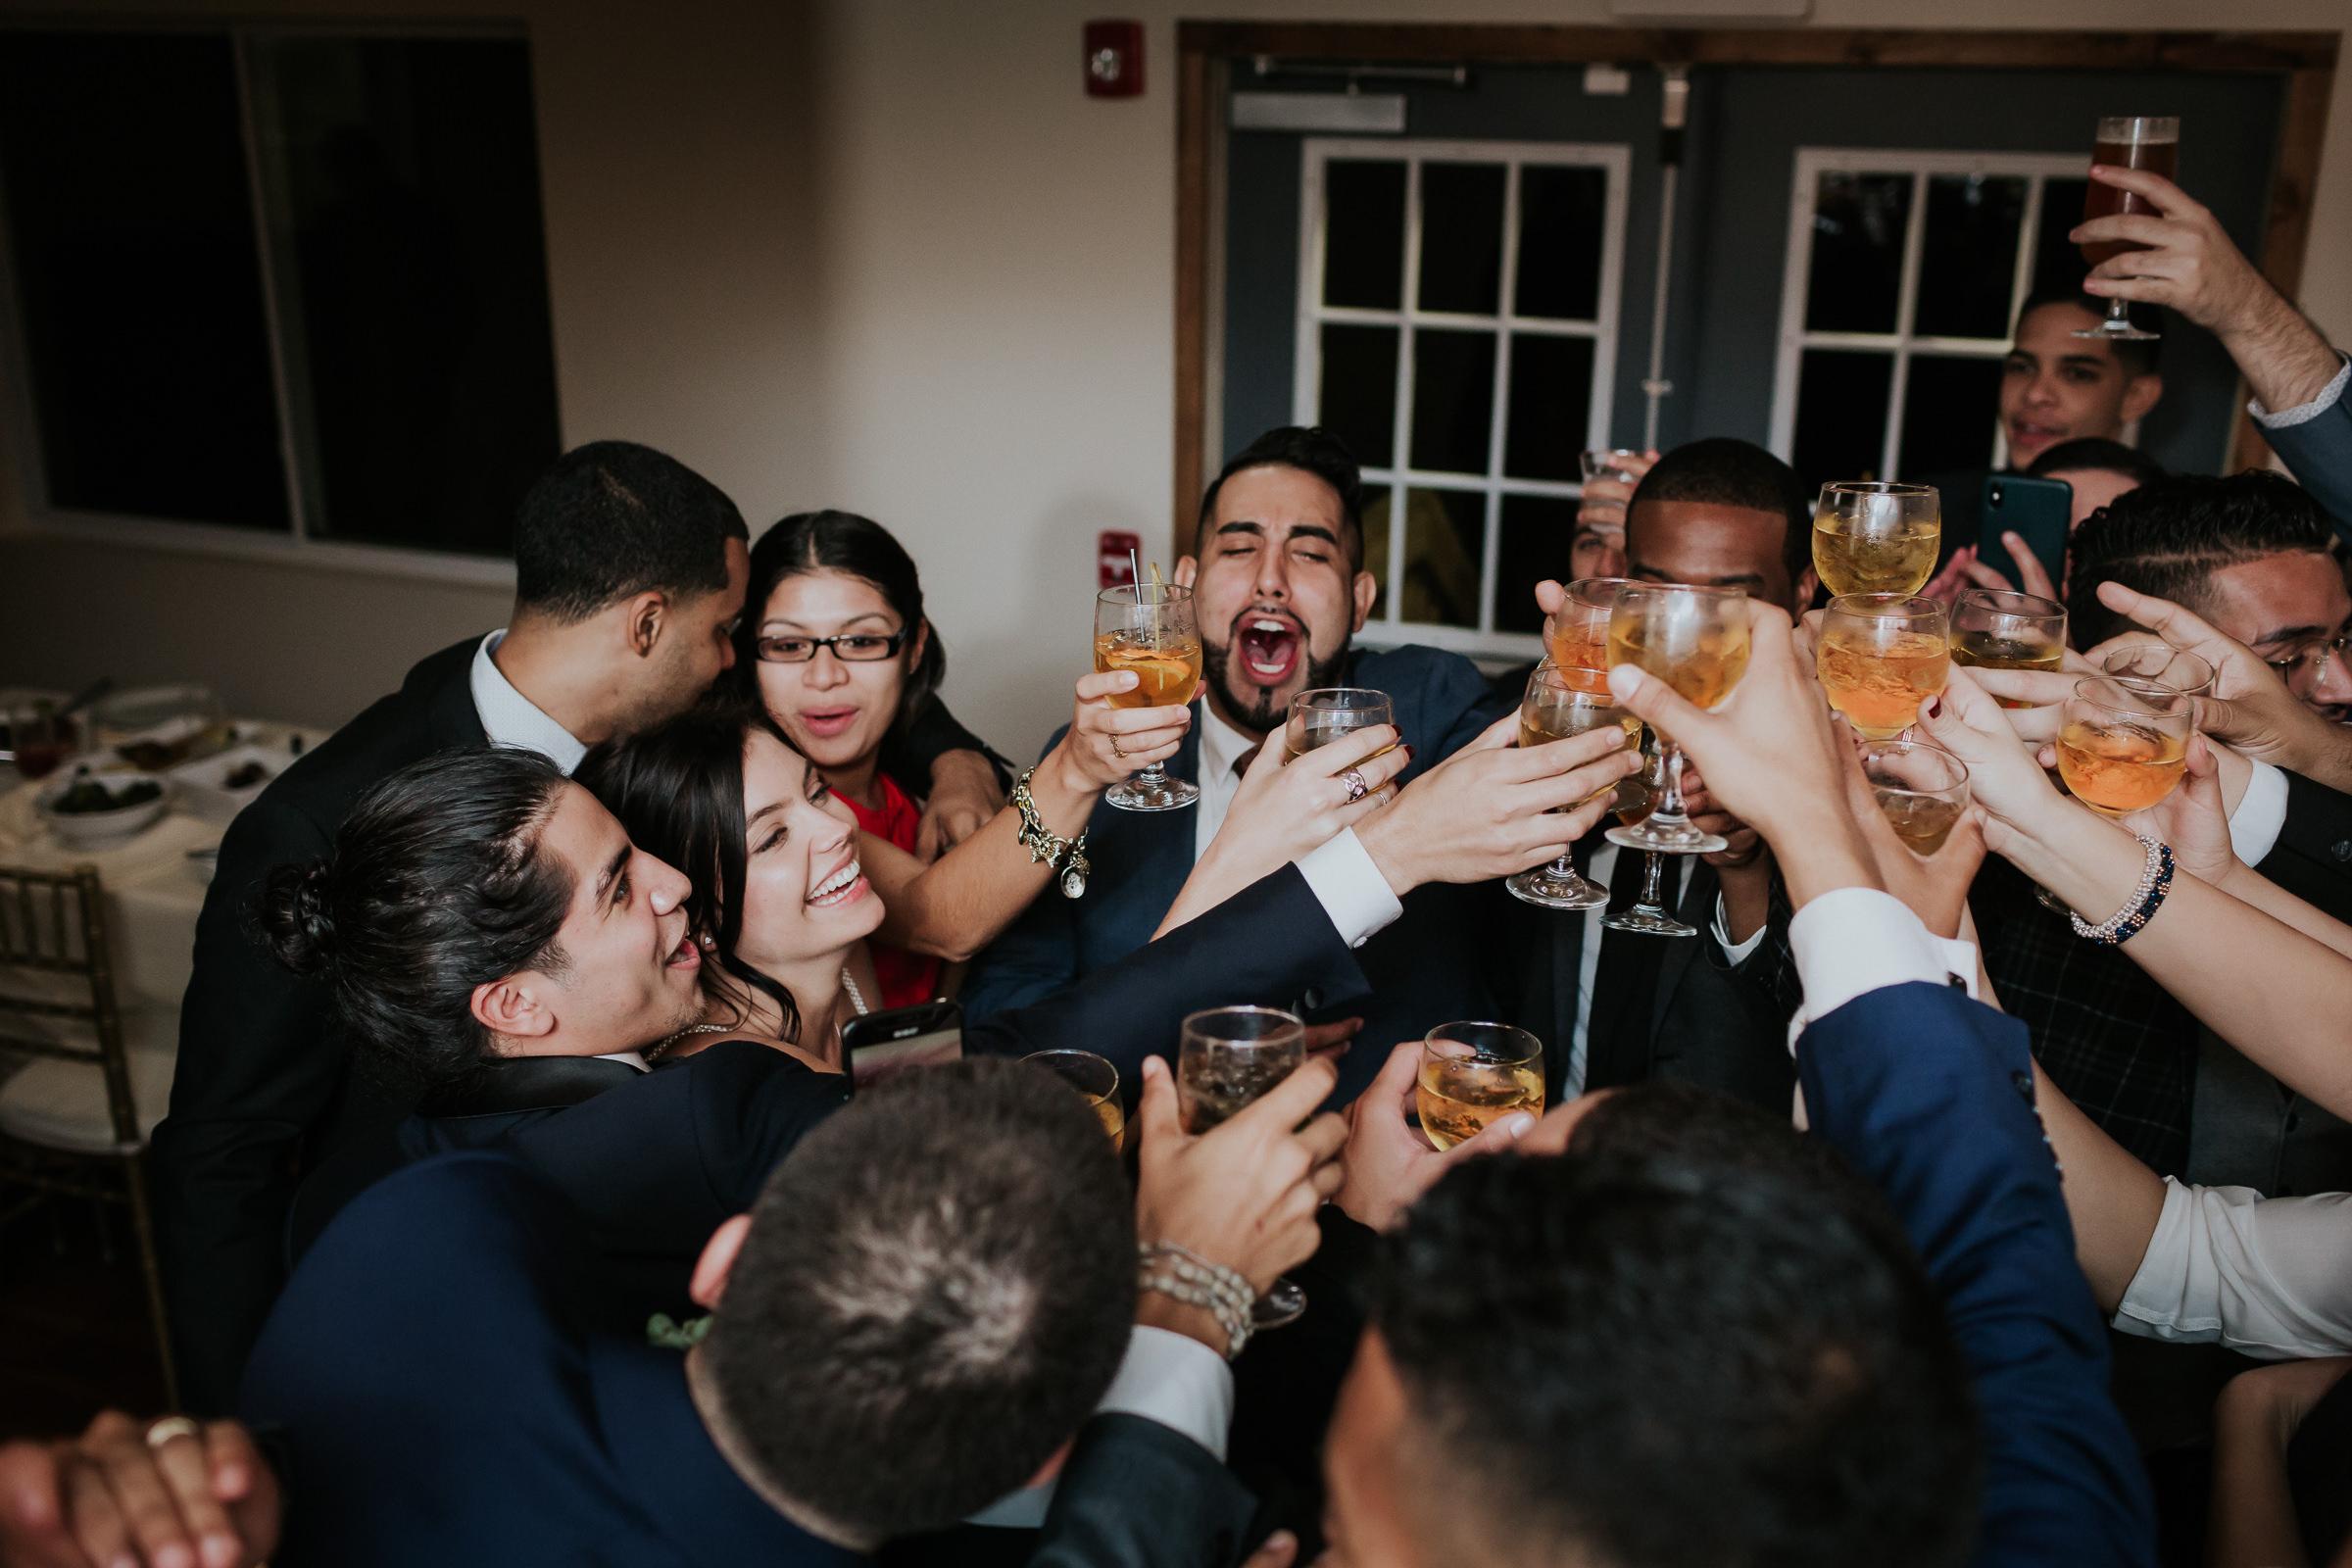 Arrow-Park-Monroe-NY-Documentary-Wedding-Photographer-100.jpg